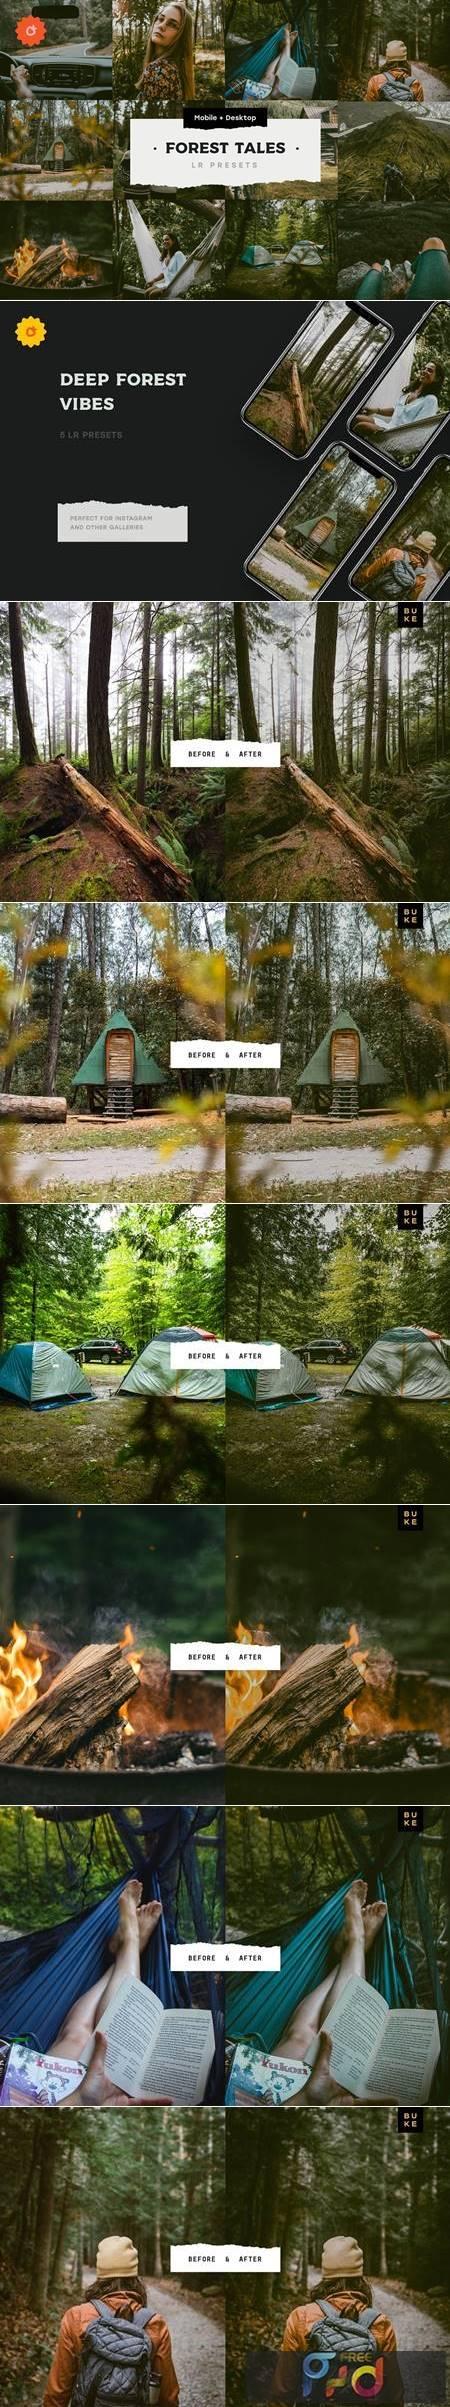 4 Forest Tales – Lightroom Presets 5003403 1